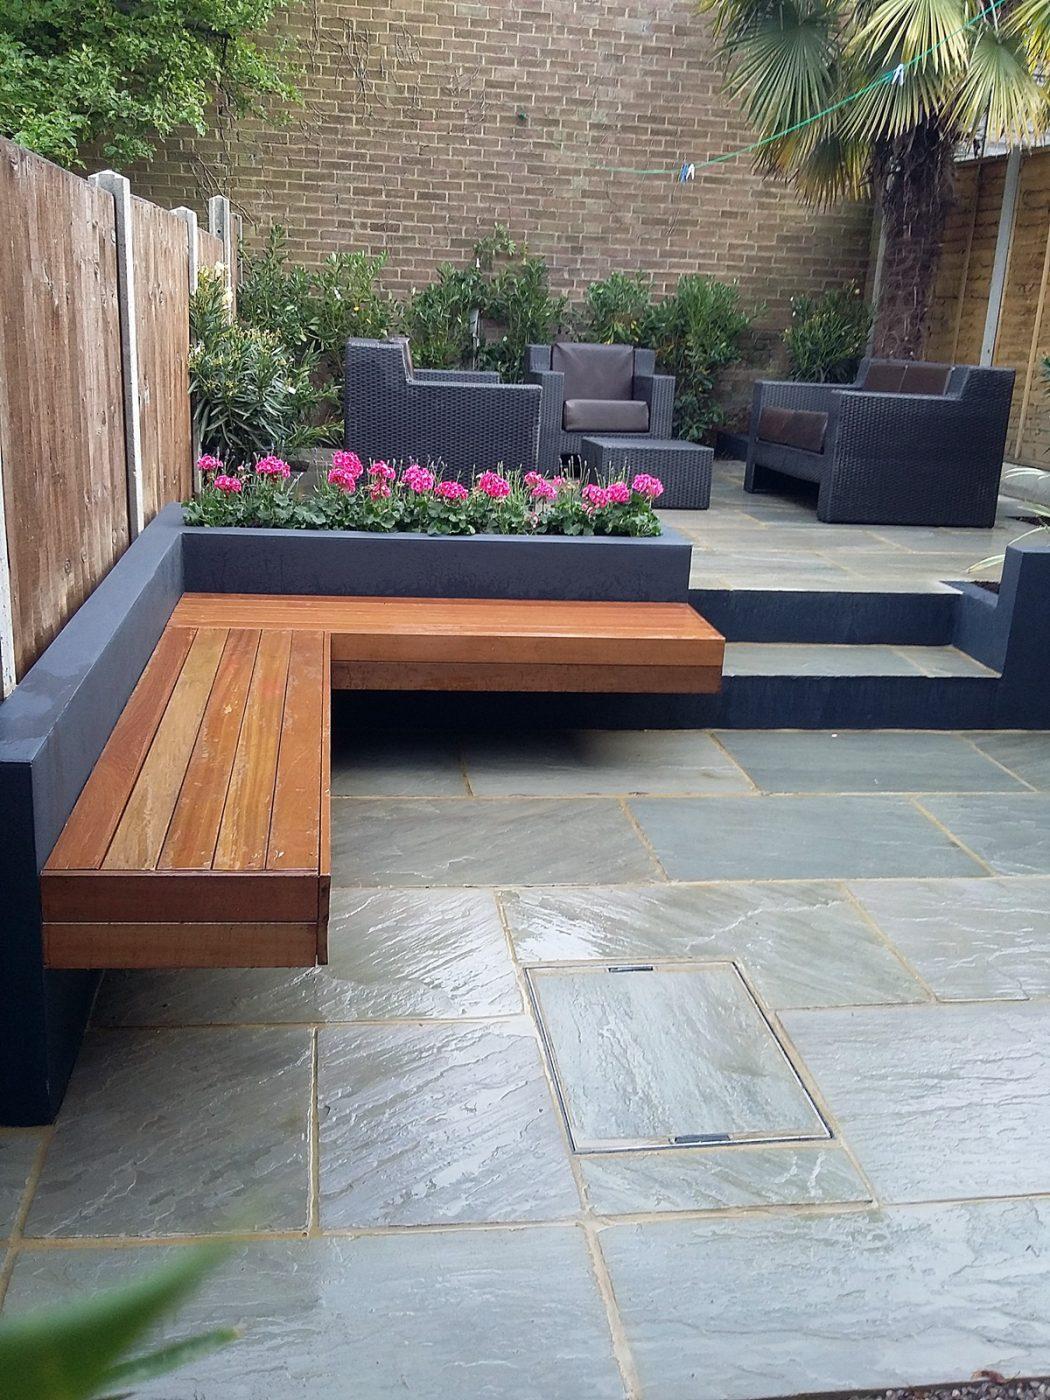 Block-and-wood-garden-benches1 15 killer Garden Bench Decoration Ideas